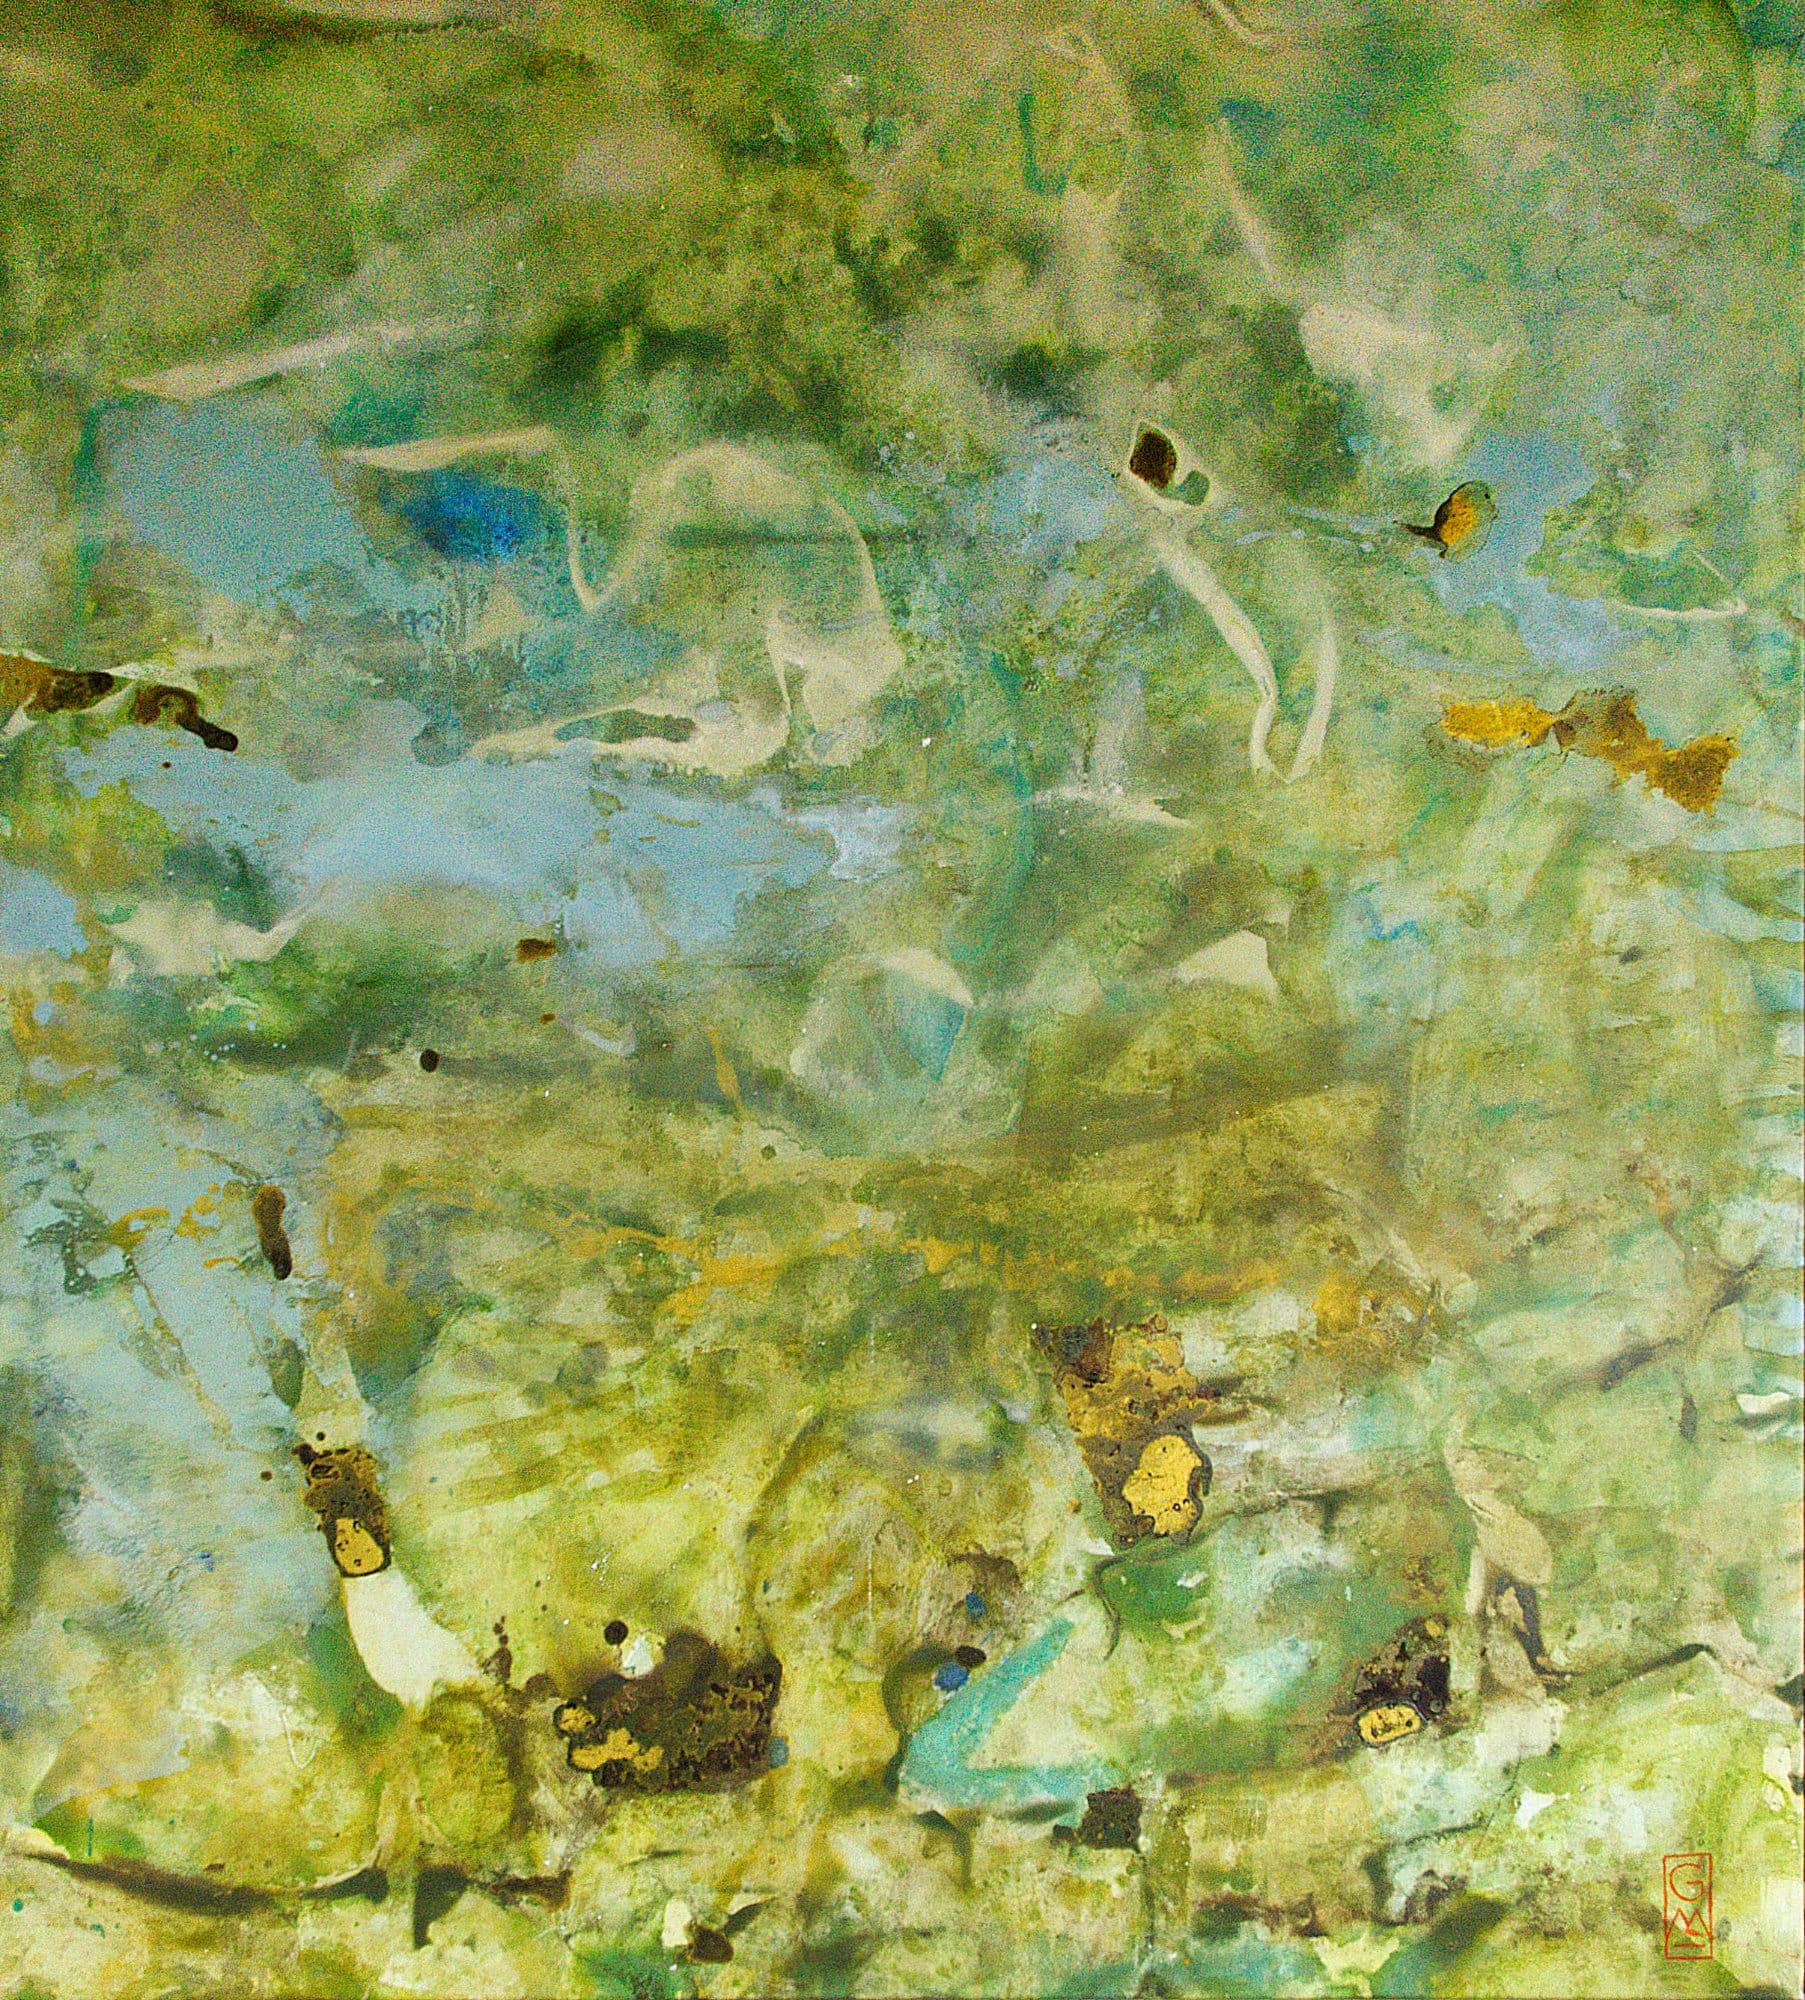 Gerlinde Mader | Abstrakt-XIV | 150 x 130 cm